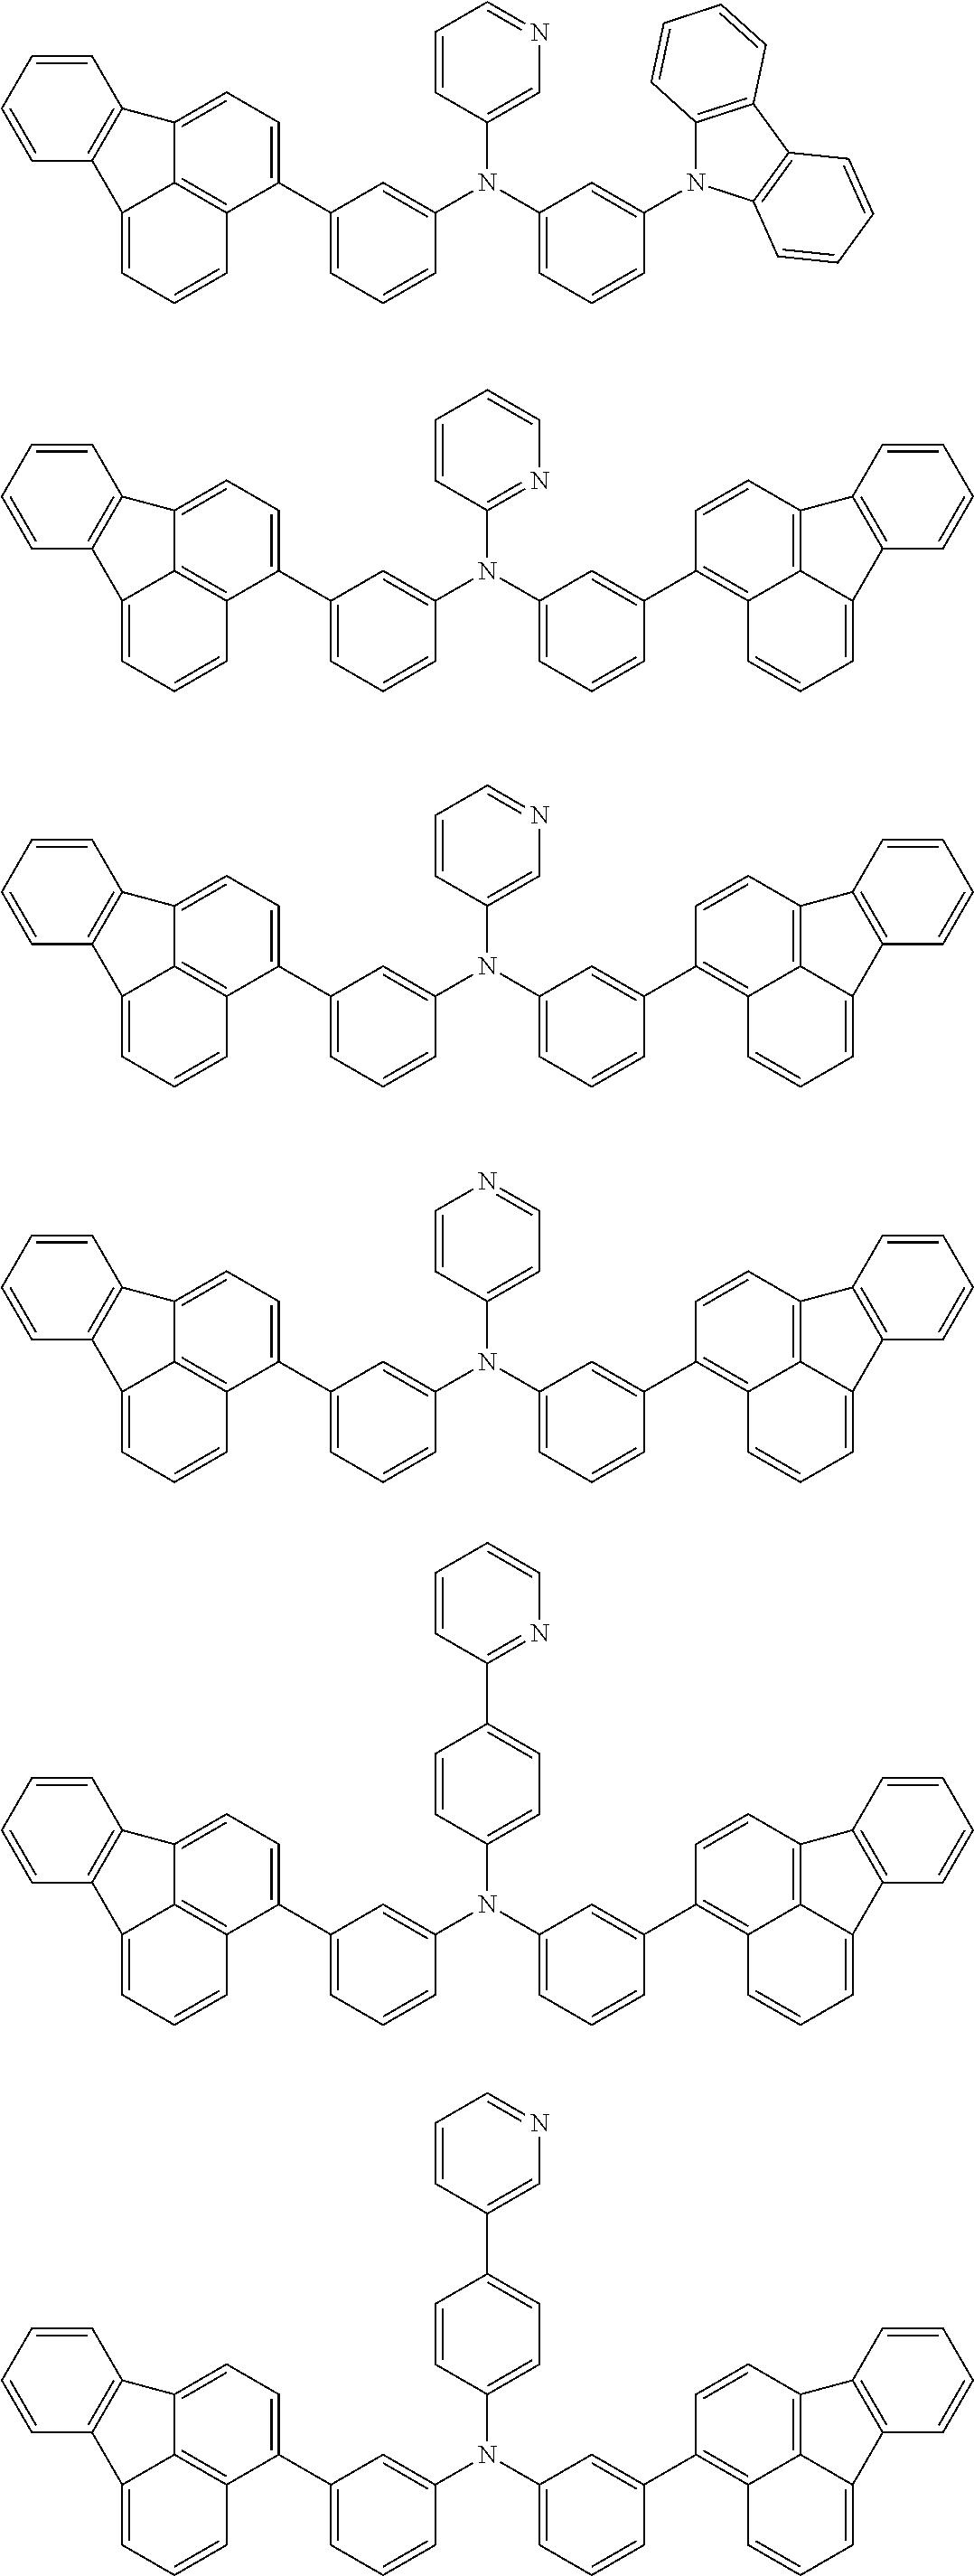 Figure US20150280139A1-20151001-C00110